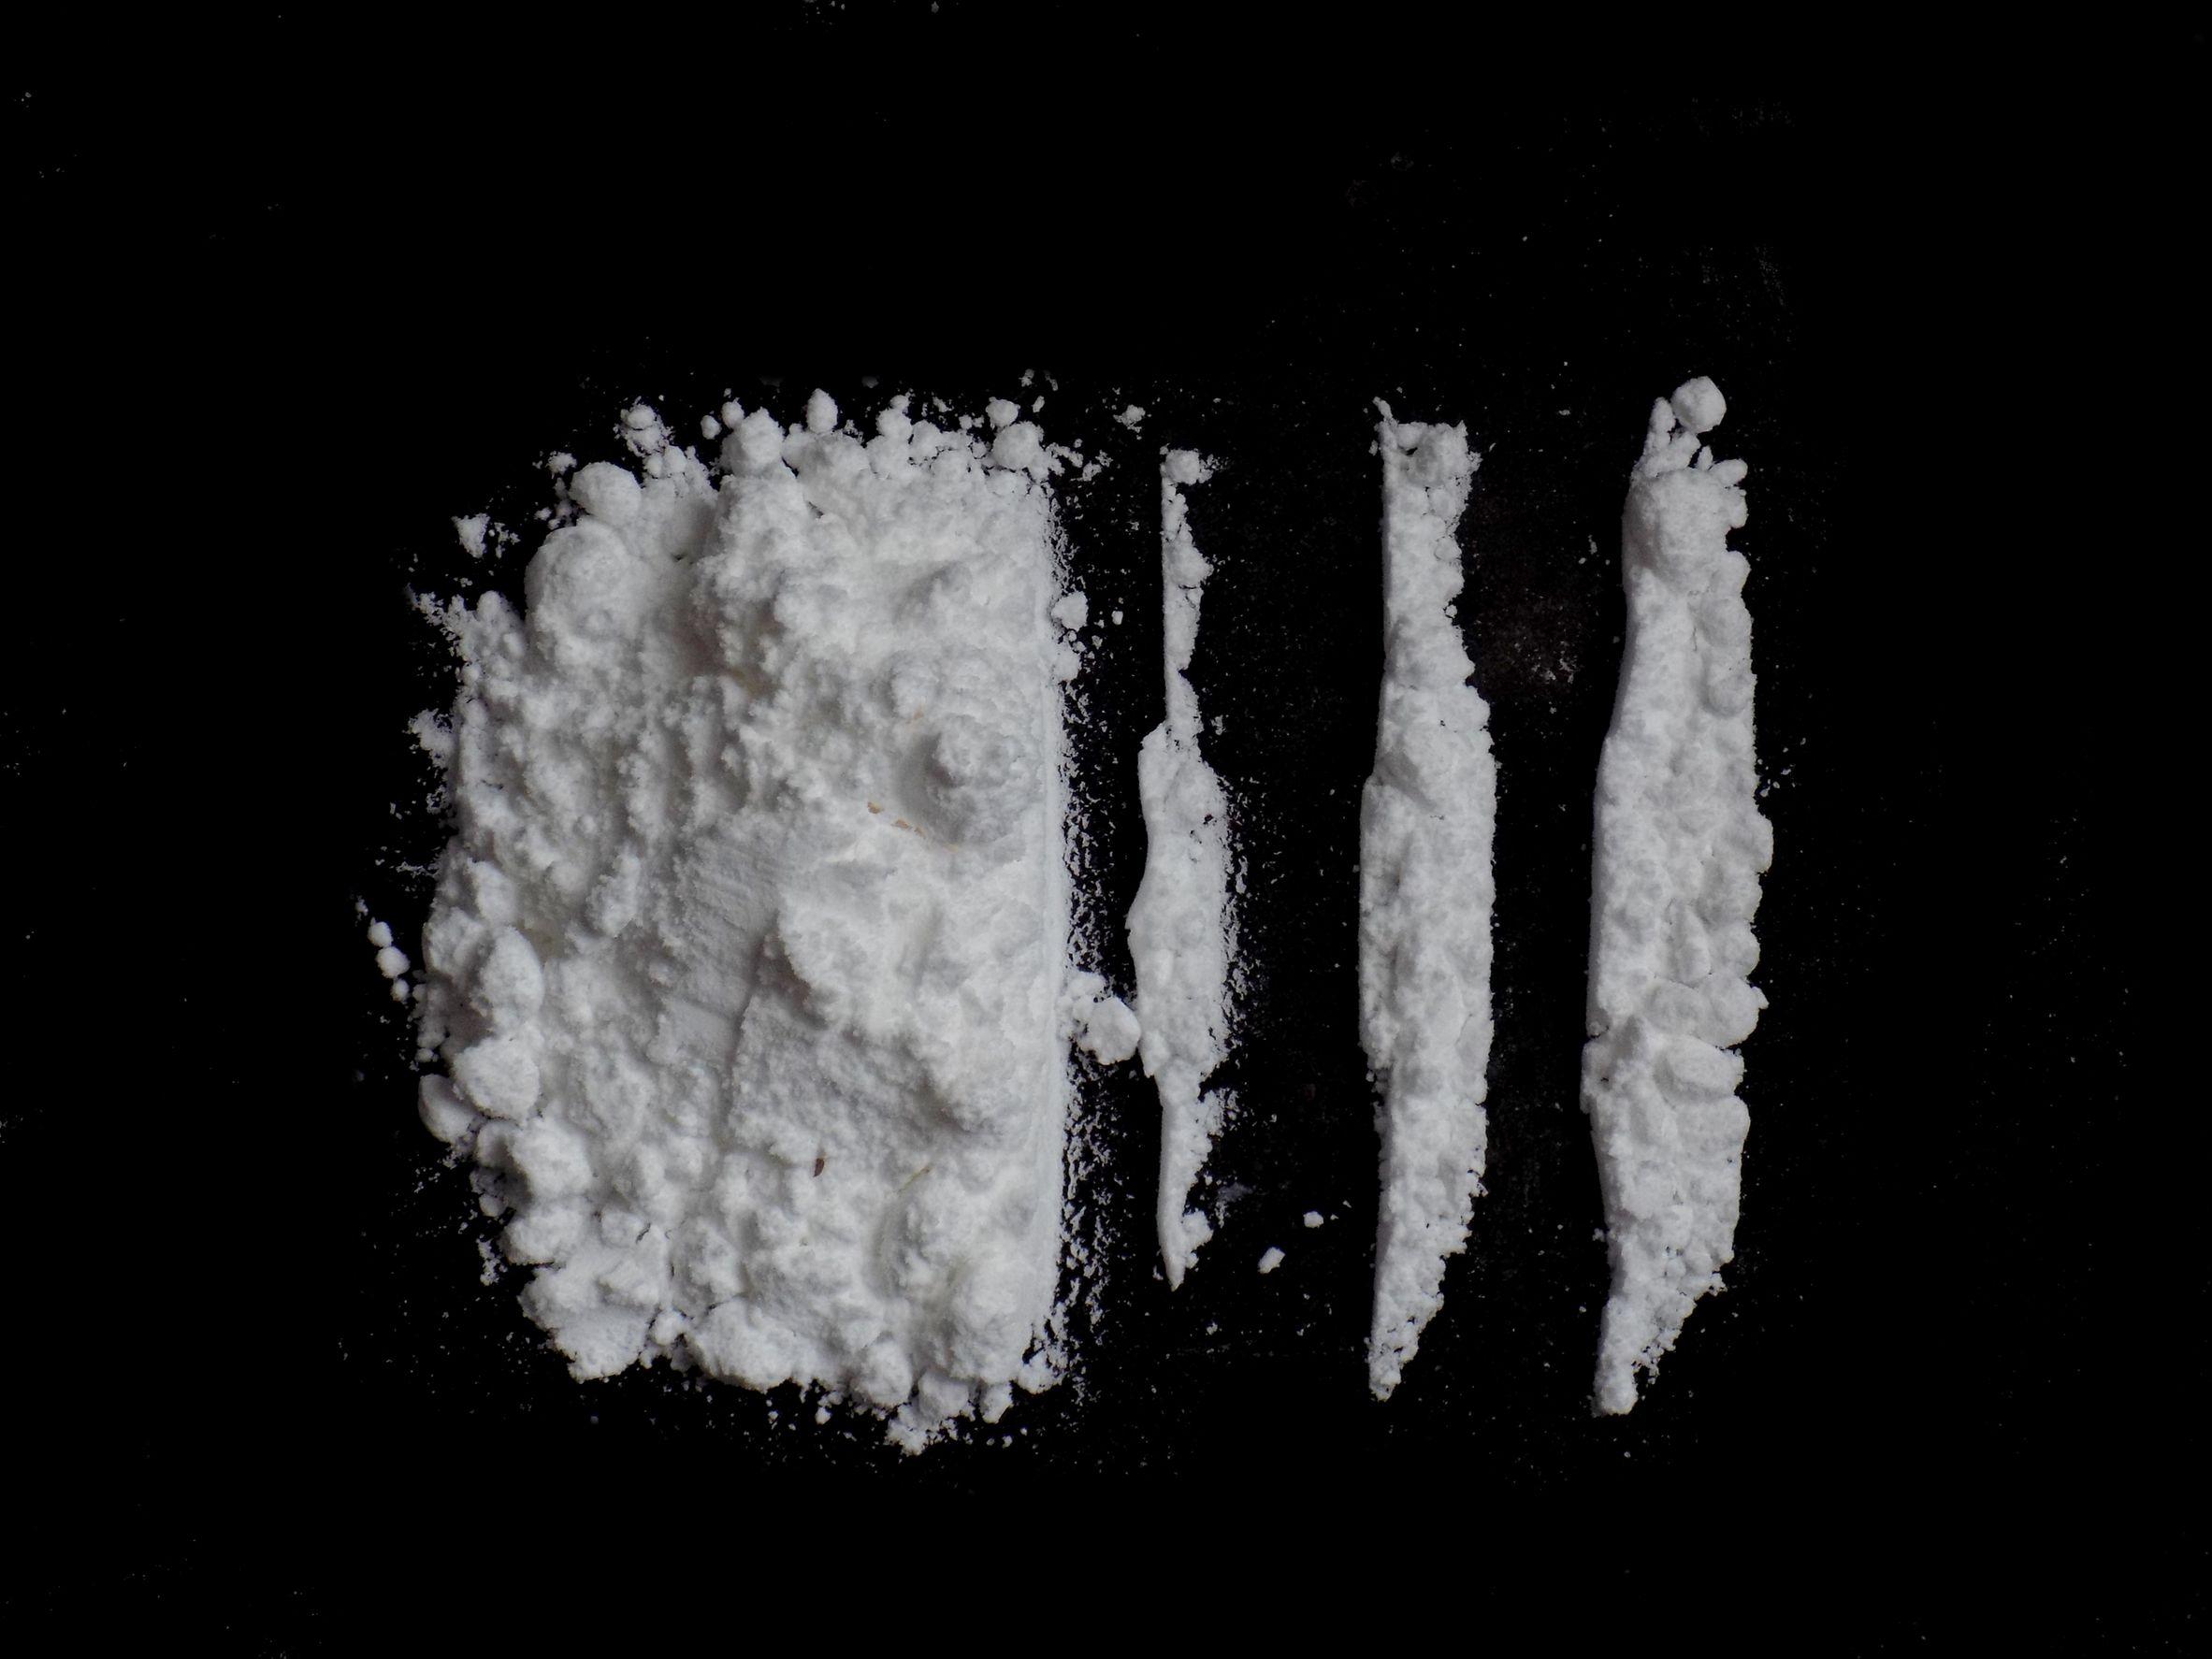 Cocaína: Conheça os efeitos e suas formas de uso